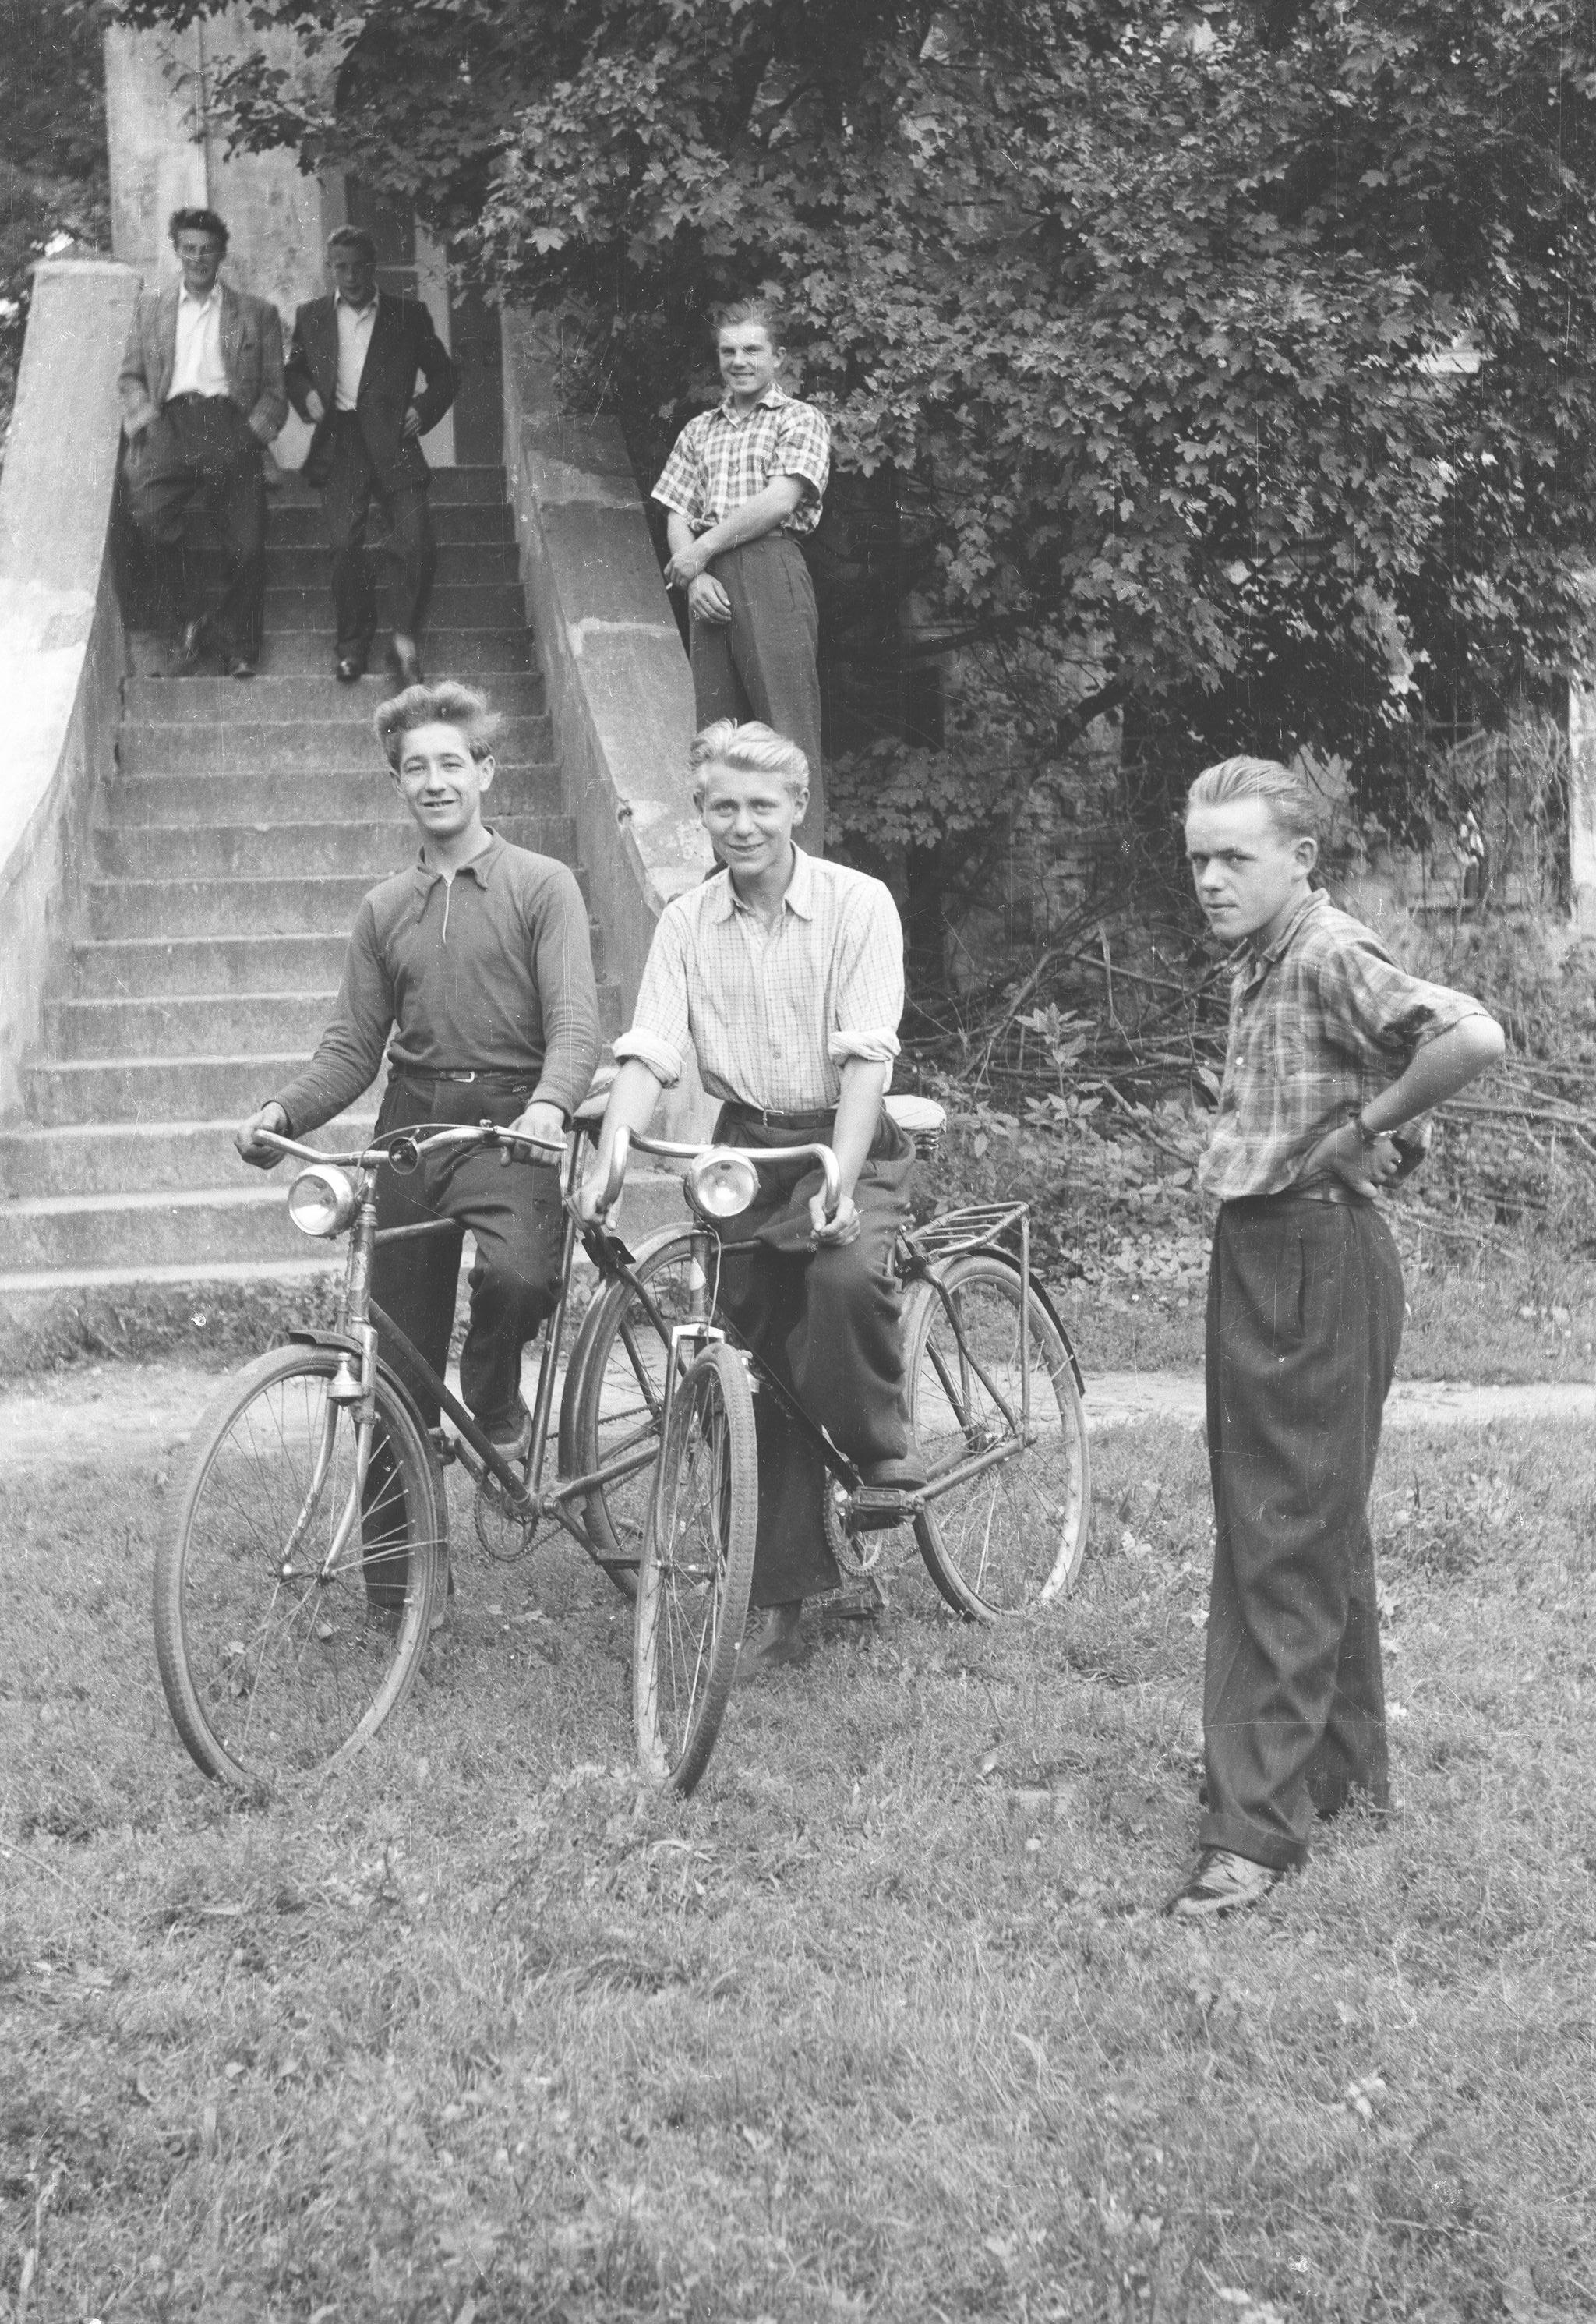 Pracownicy sezonowi, Brzózka, Dolny Śląsk, lata 50. XX w.